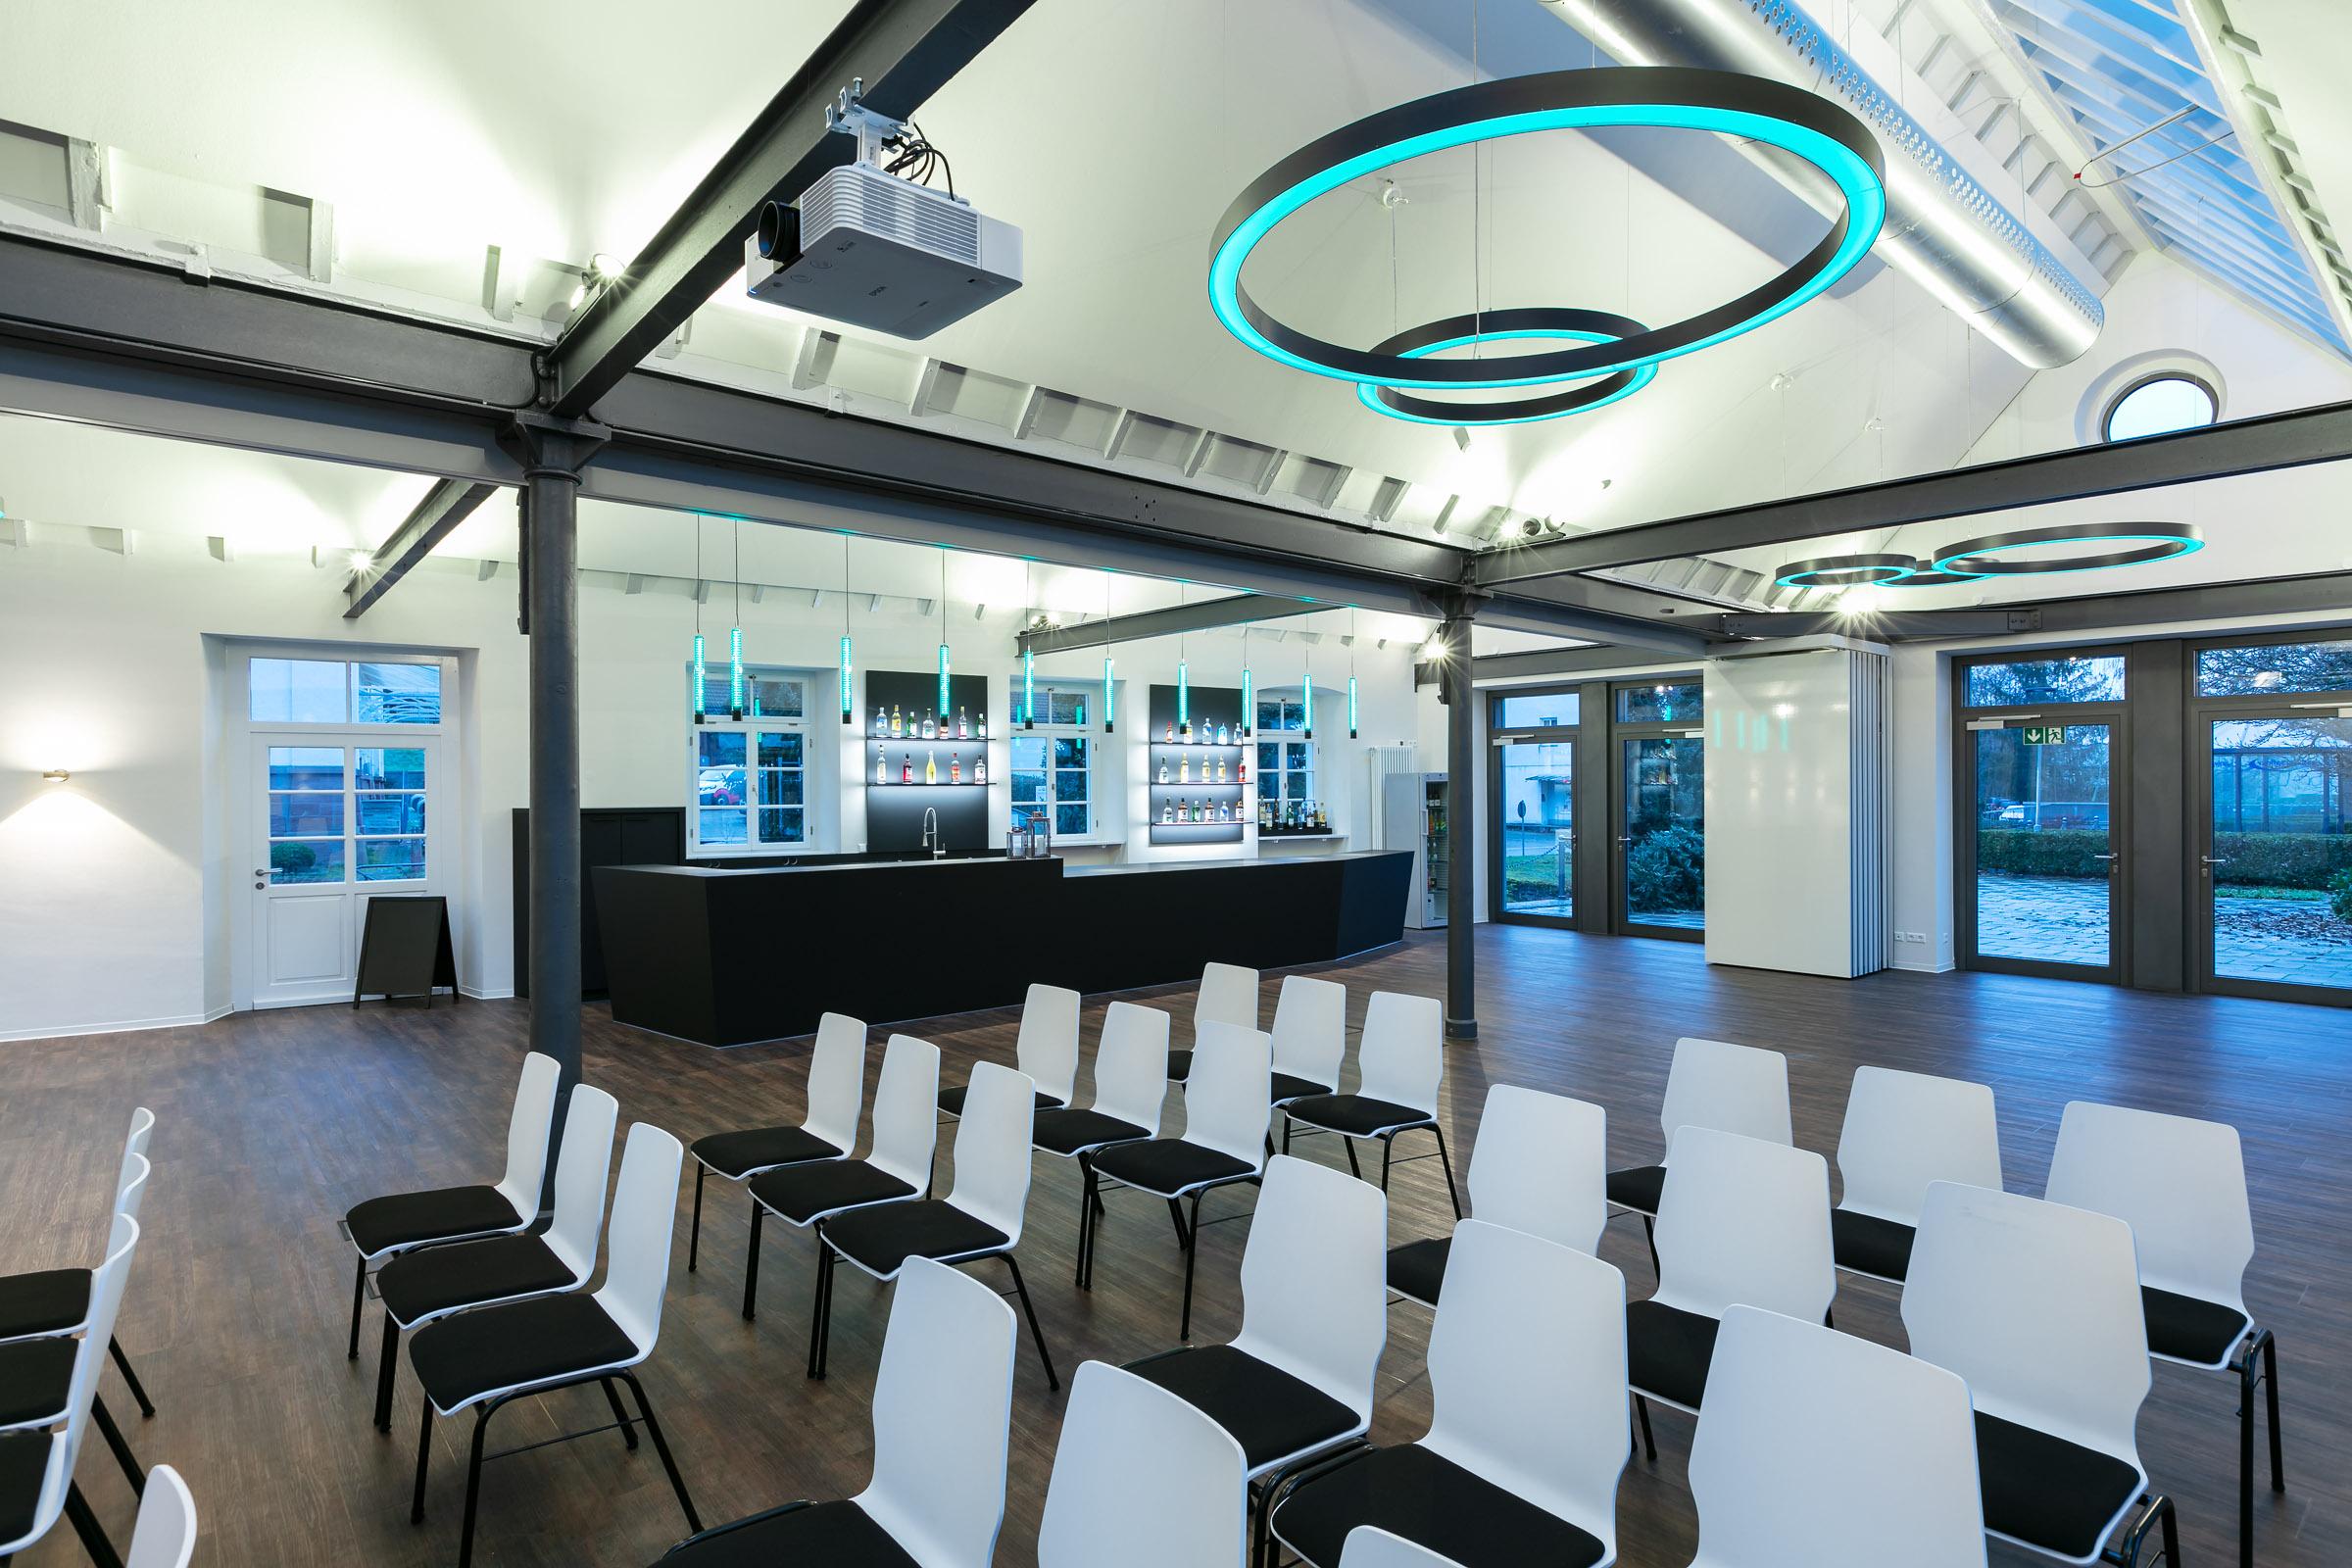 Konferenzstühle in einem Eventraum mit türkis leuchtenden Ringleuchten